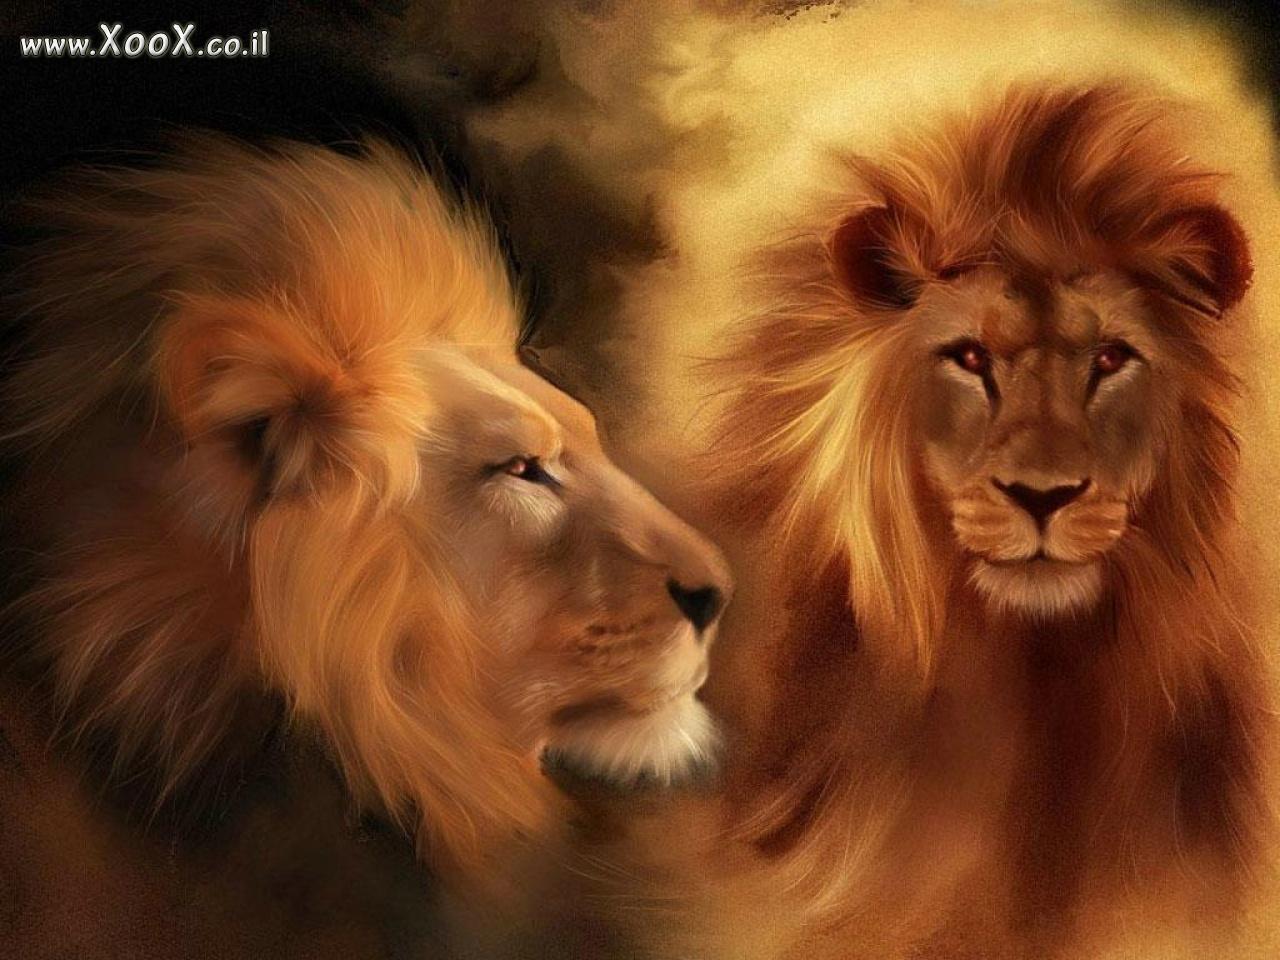 אריה - רקעים למחשב, תמונות, שומר מסך, שומרי מסך של אריה